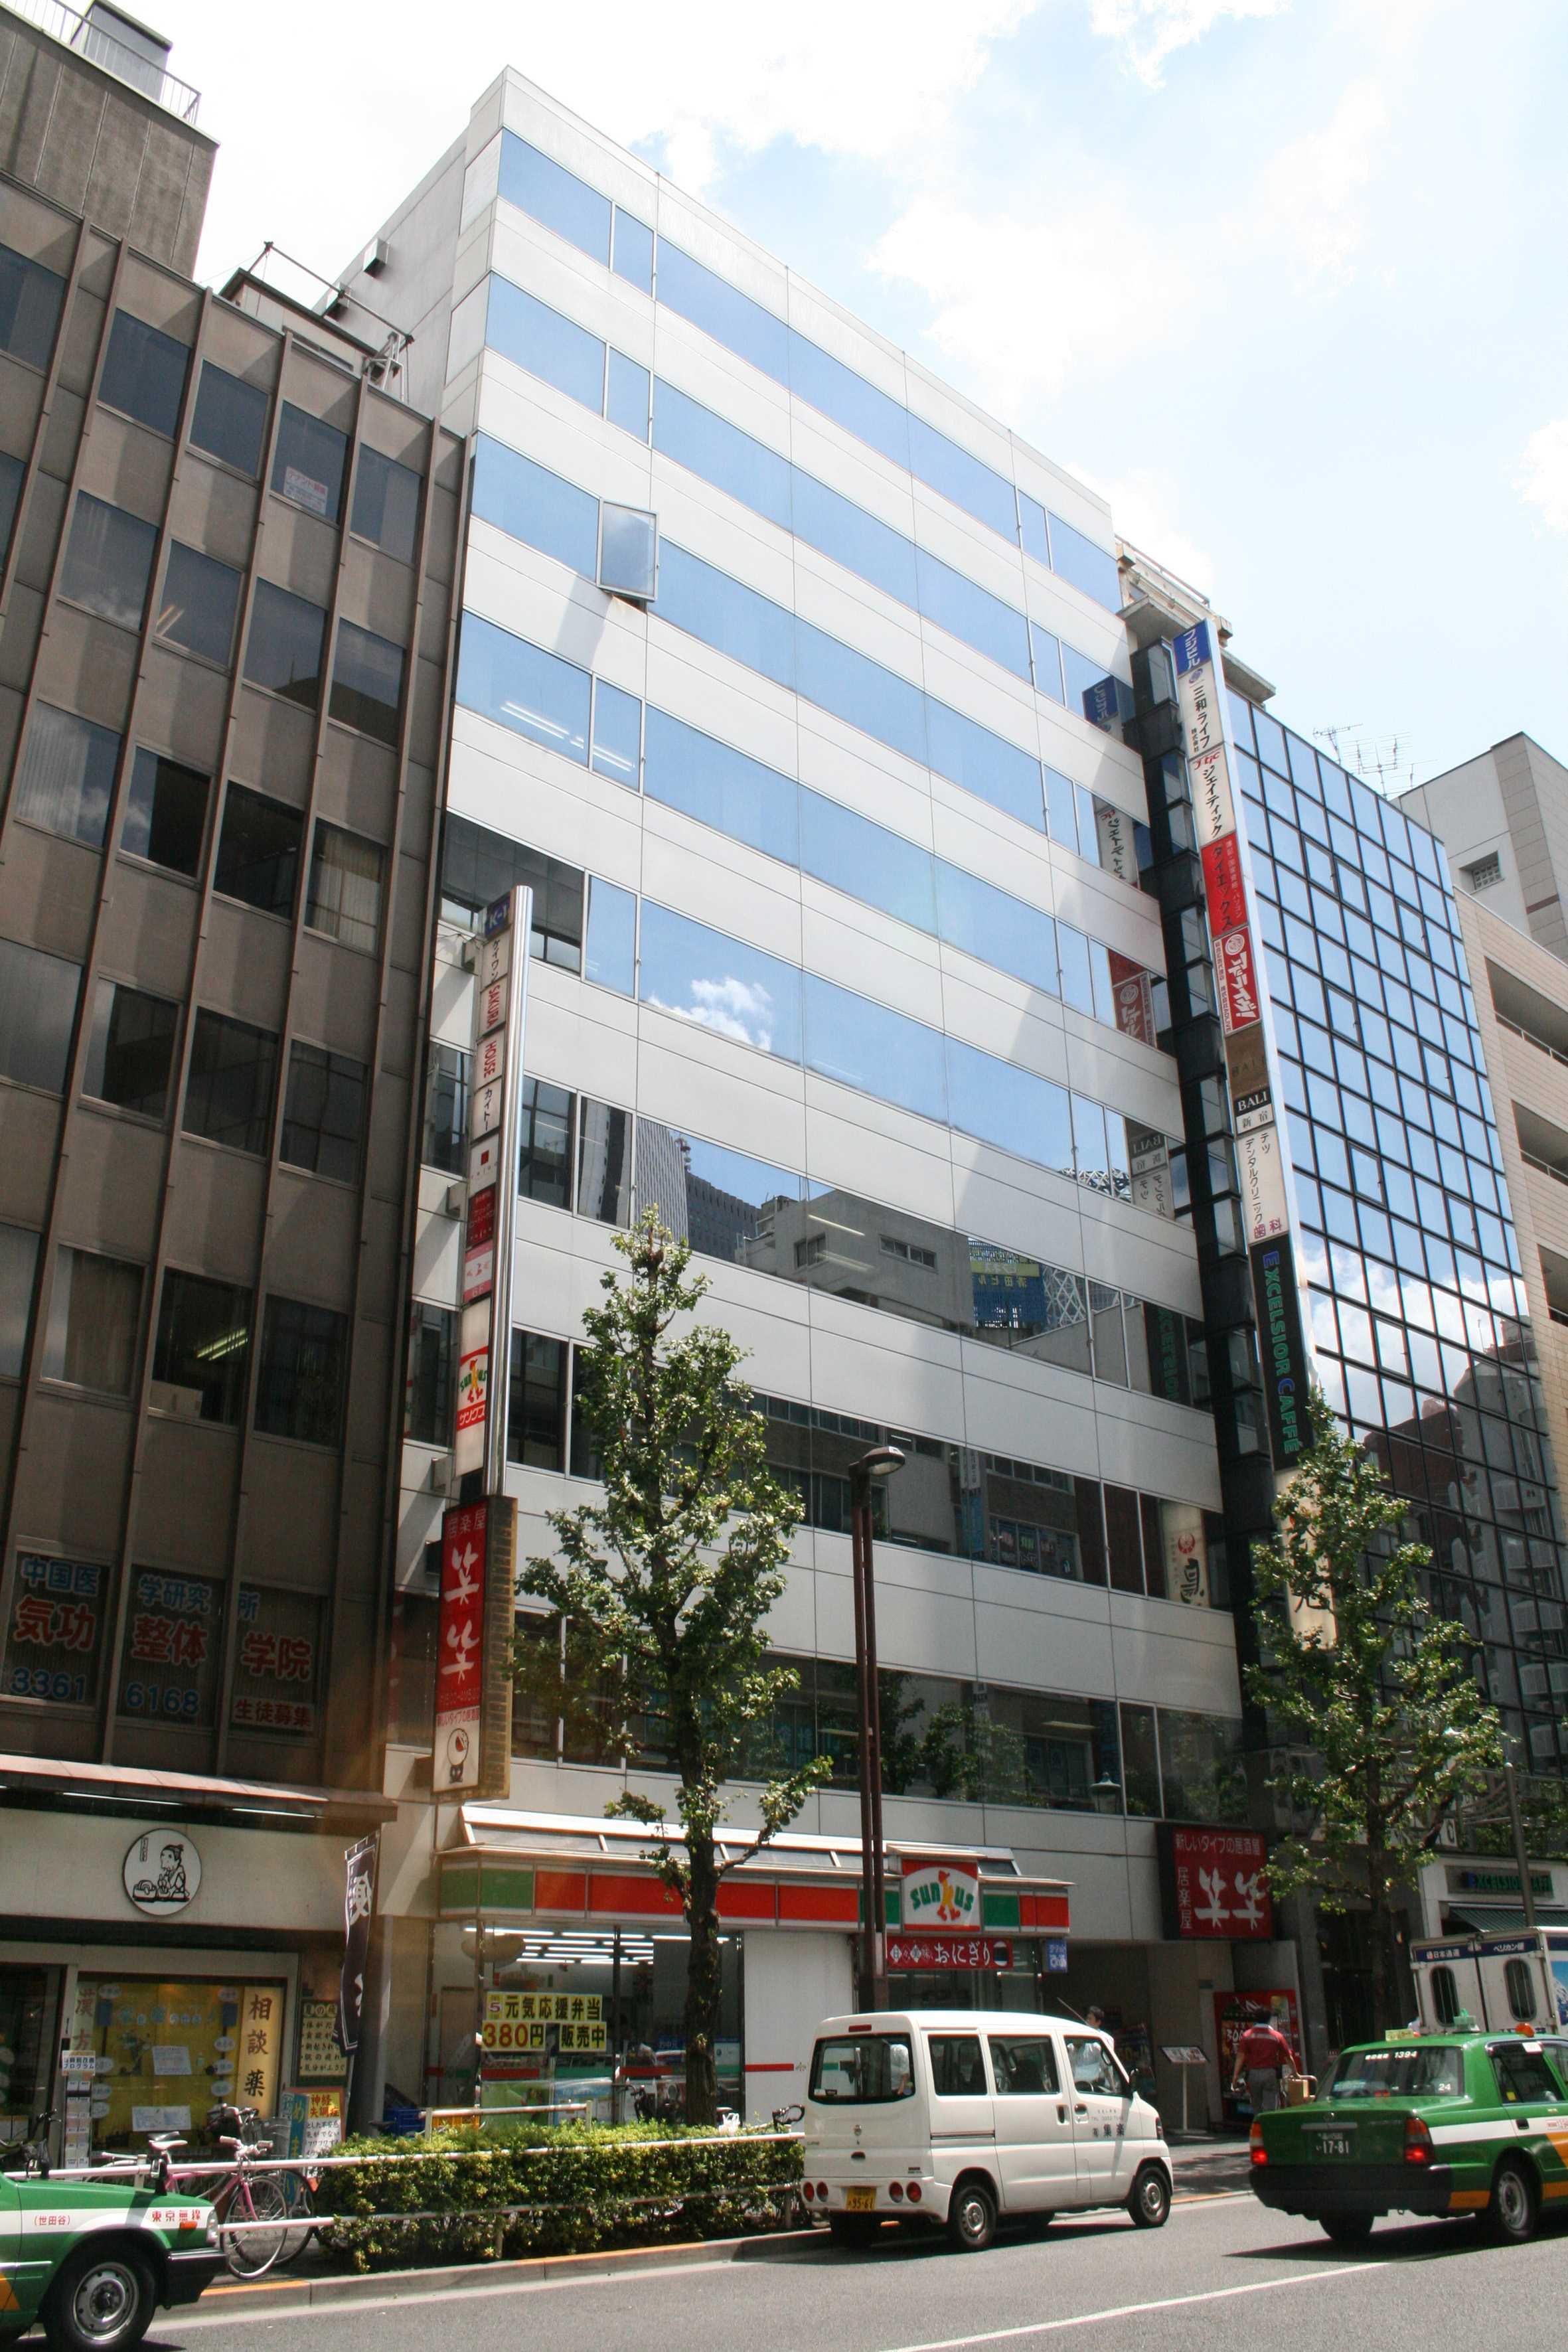 新宿ビジネスガーデン(東京都 新宿区西新宿7-2-6/バーチャルオフィス)の詳細|レンタルオフィス.com